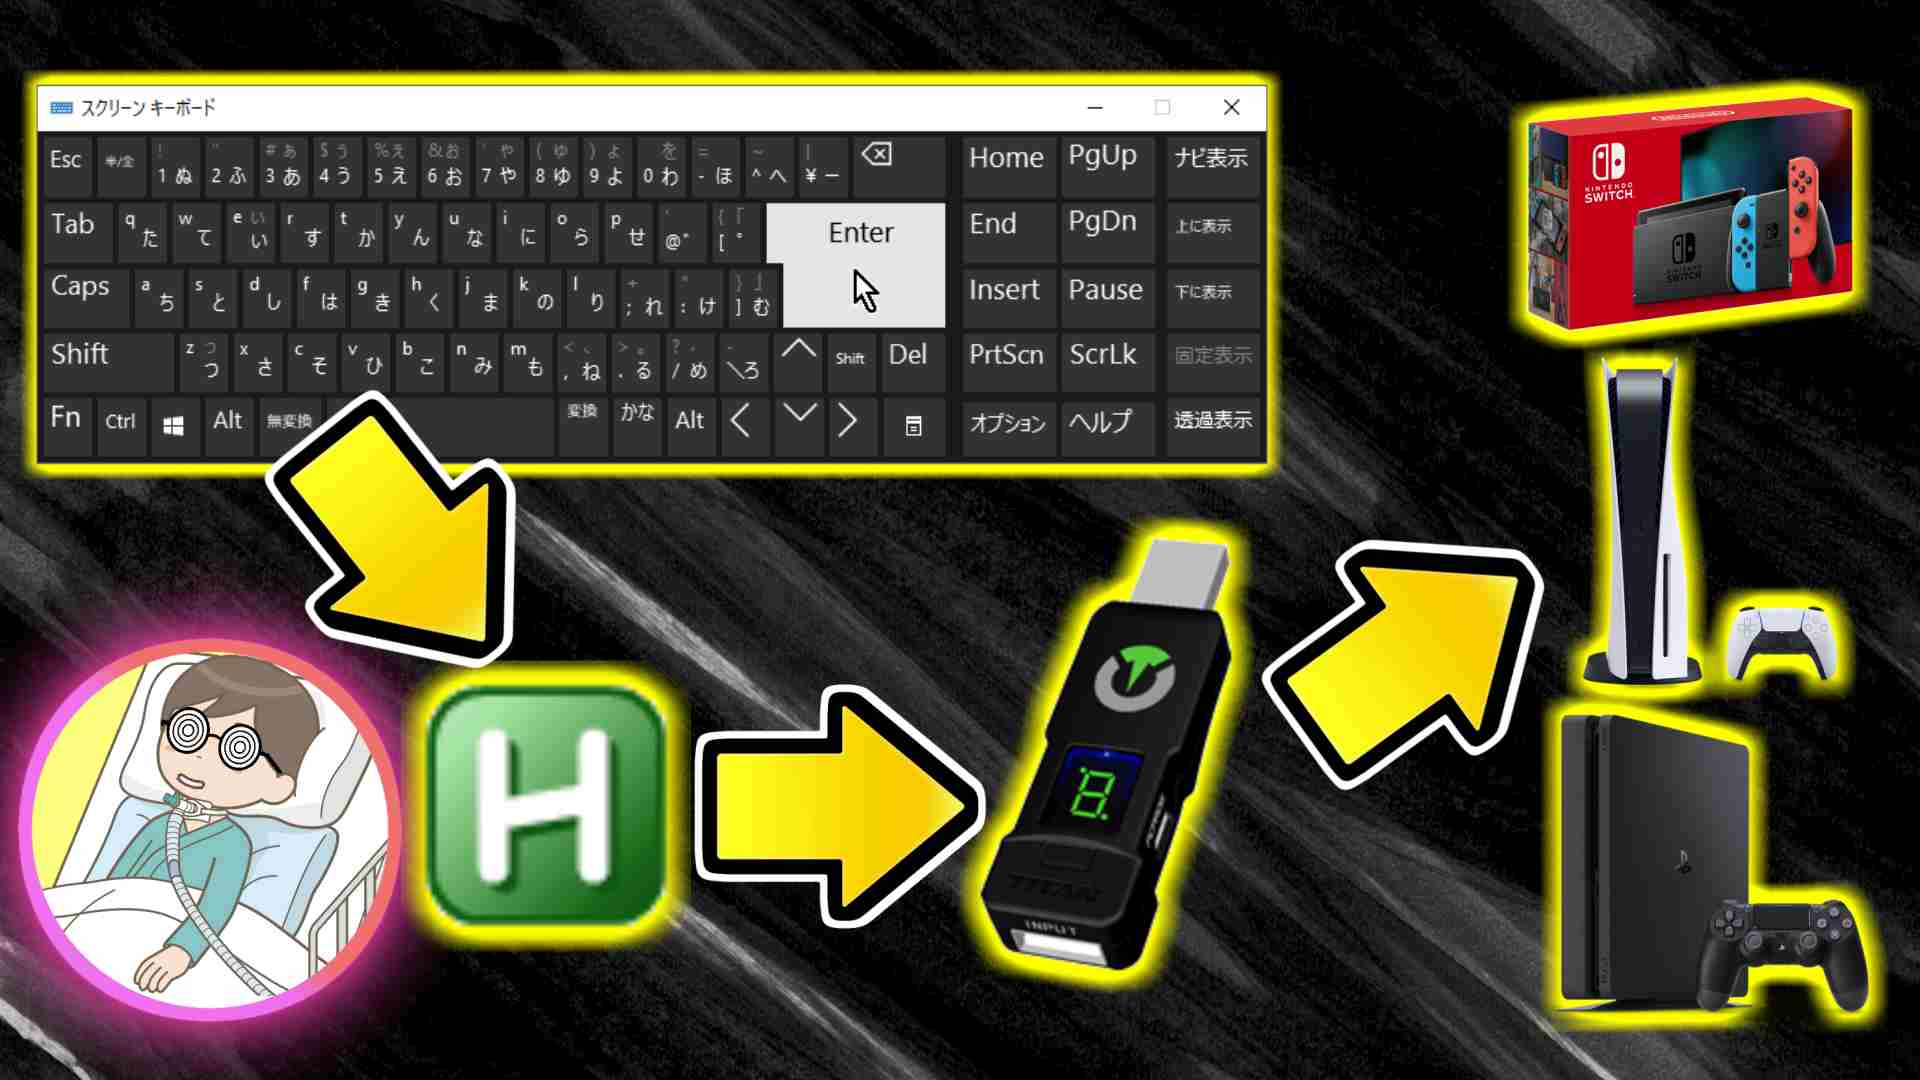 ブログ記事「Titan Oneをスクリーンキーボードで操作UCR編(Universal Control Remapper)」のサムネイル画像